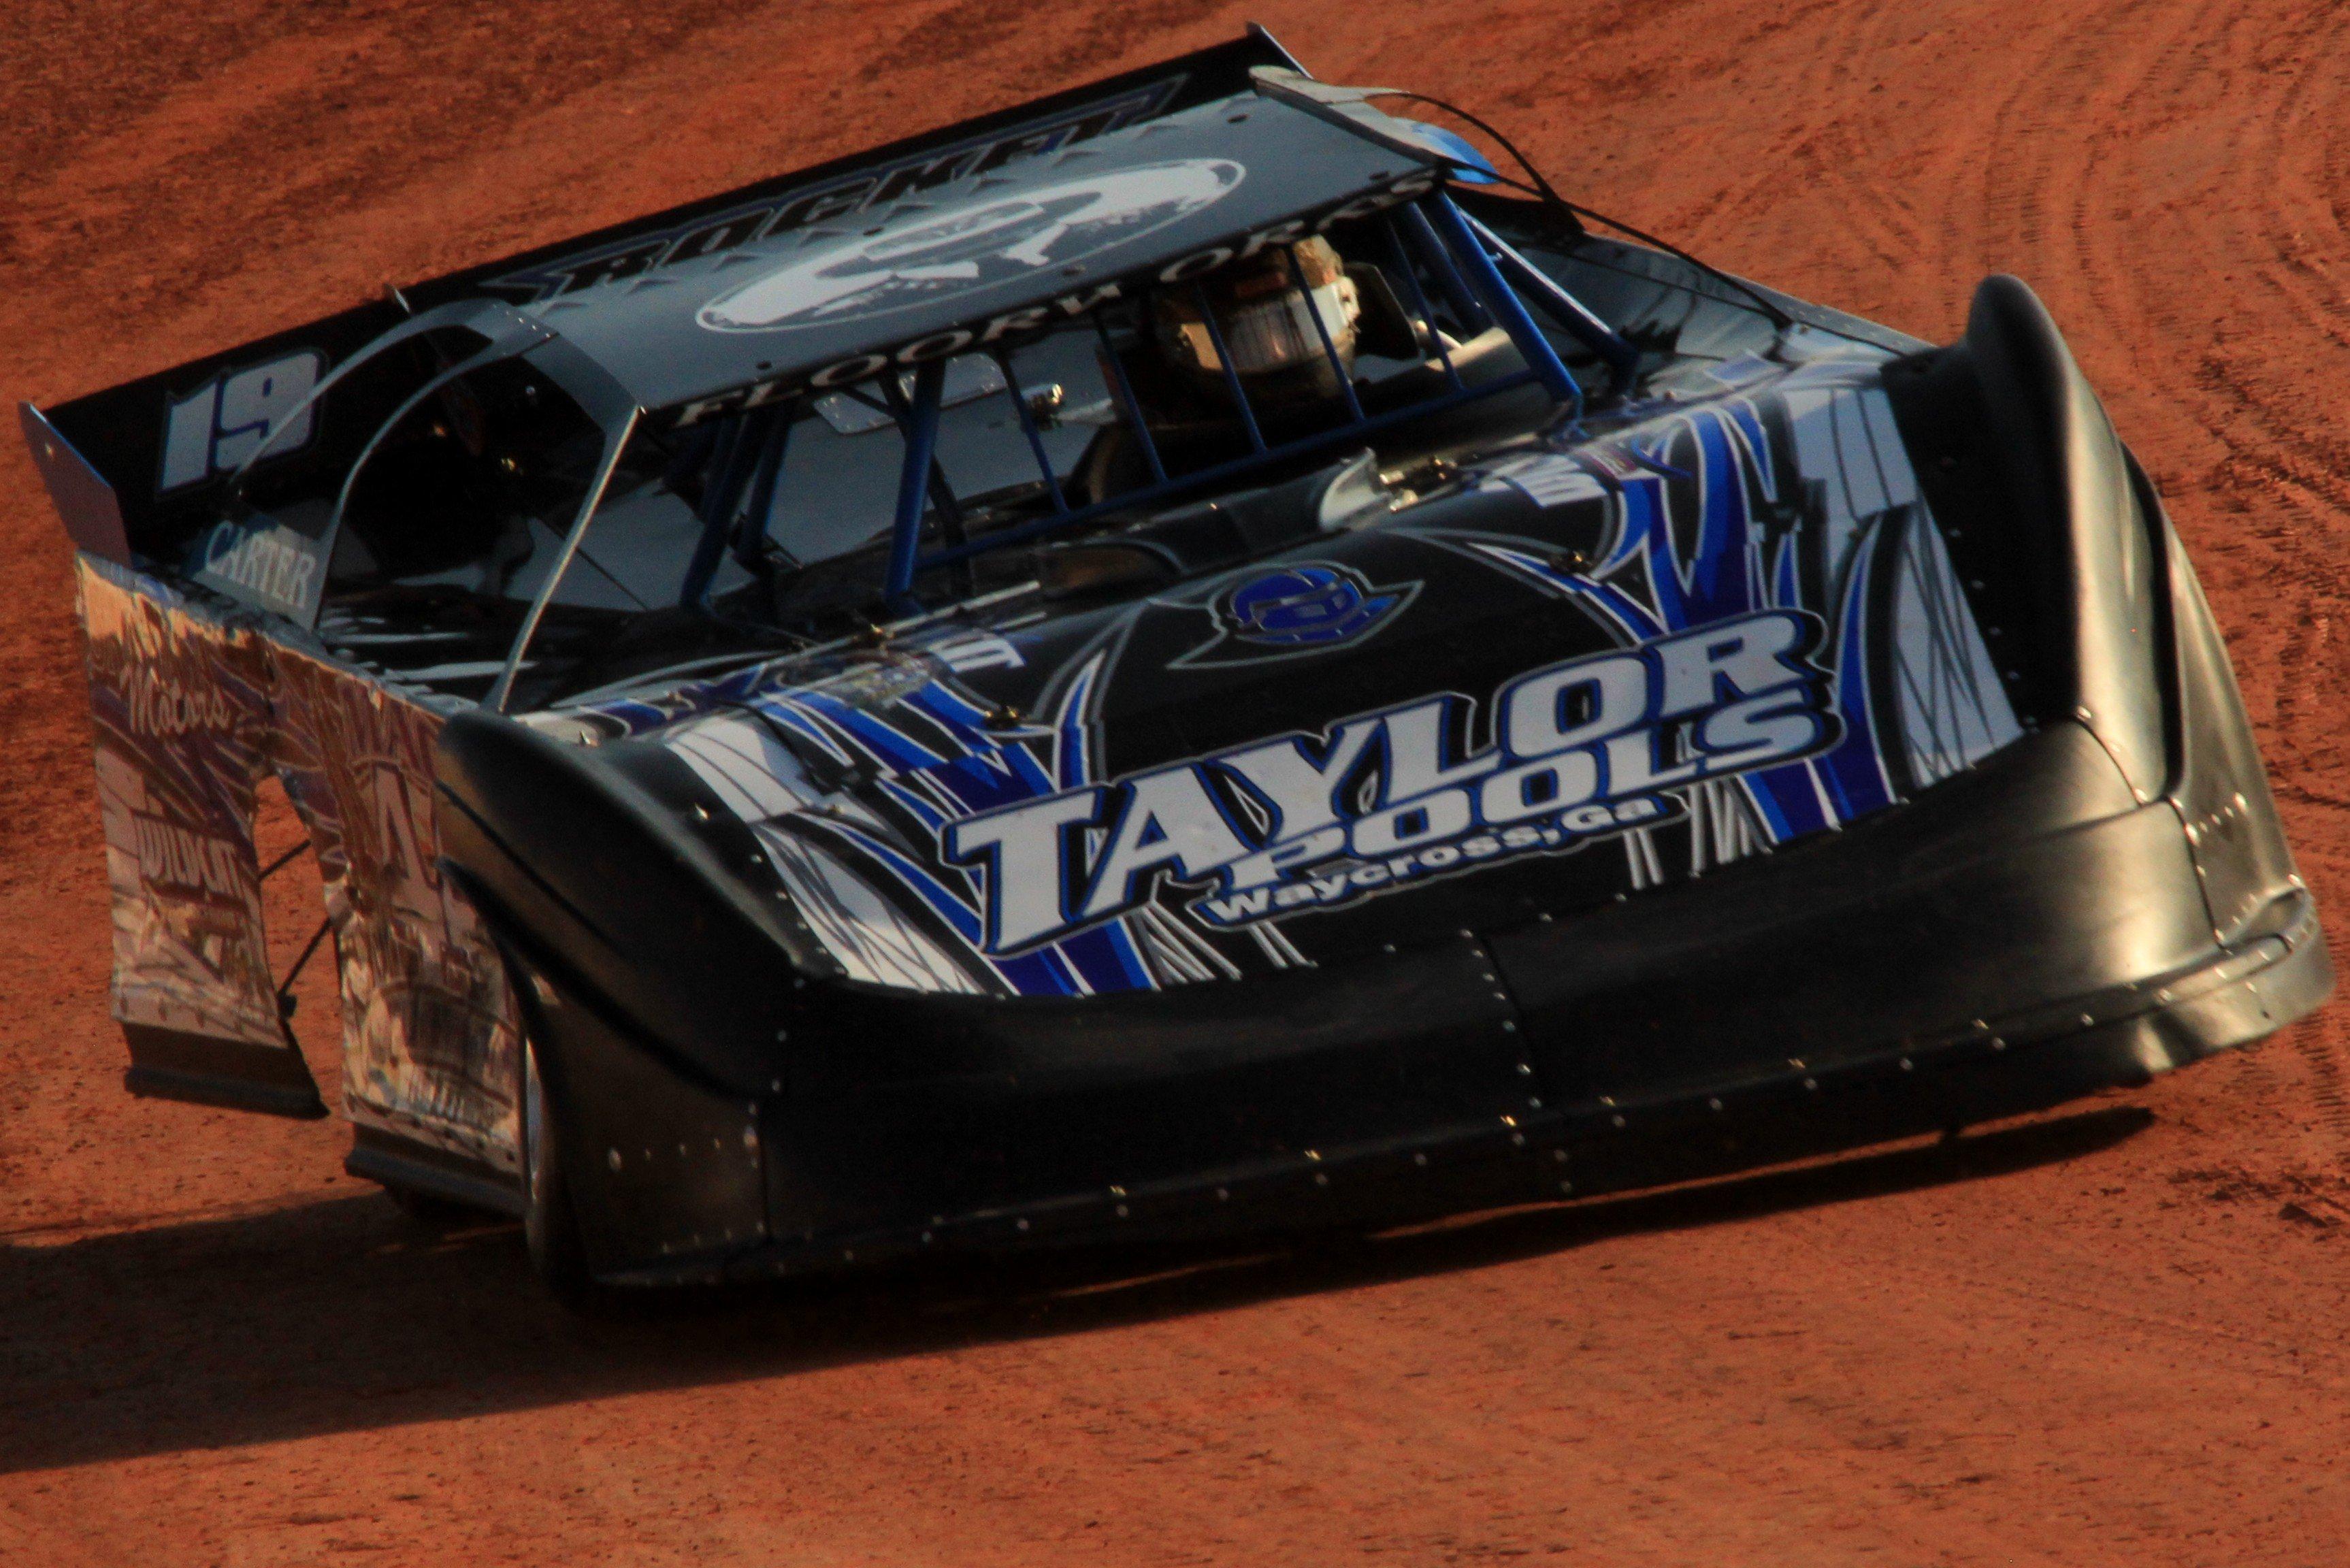 Taylor racing car